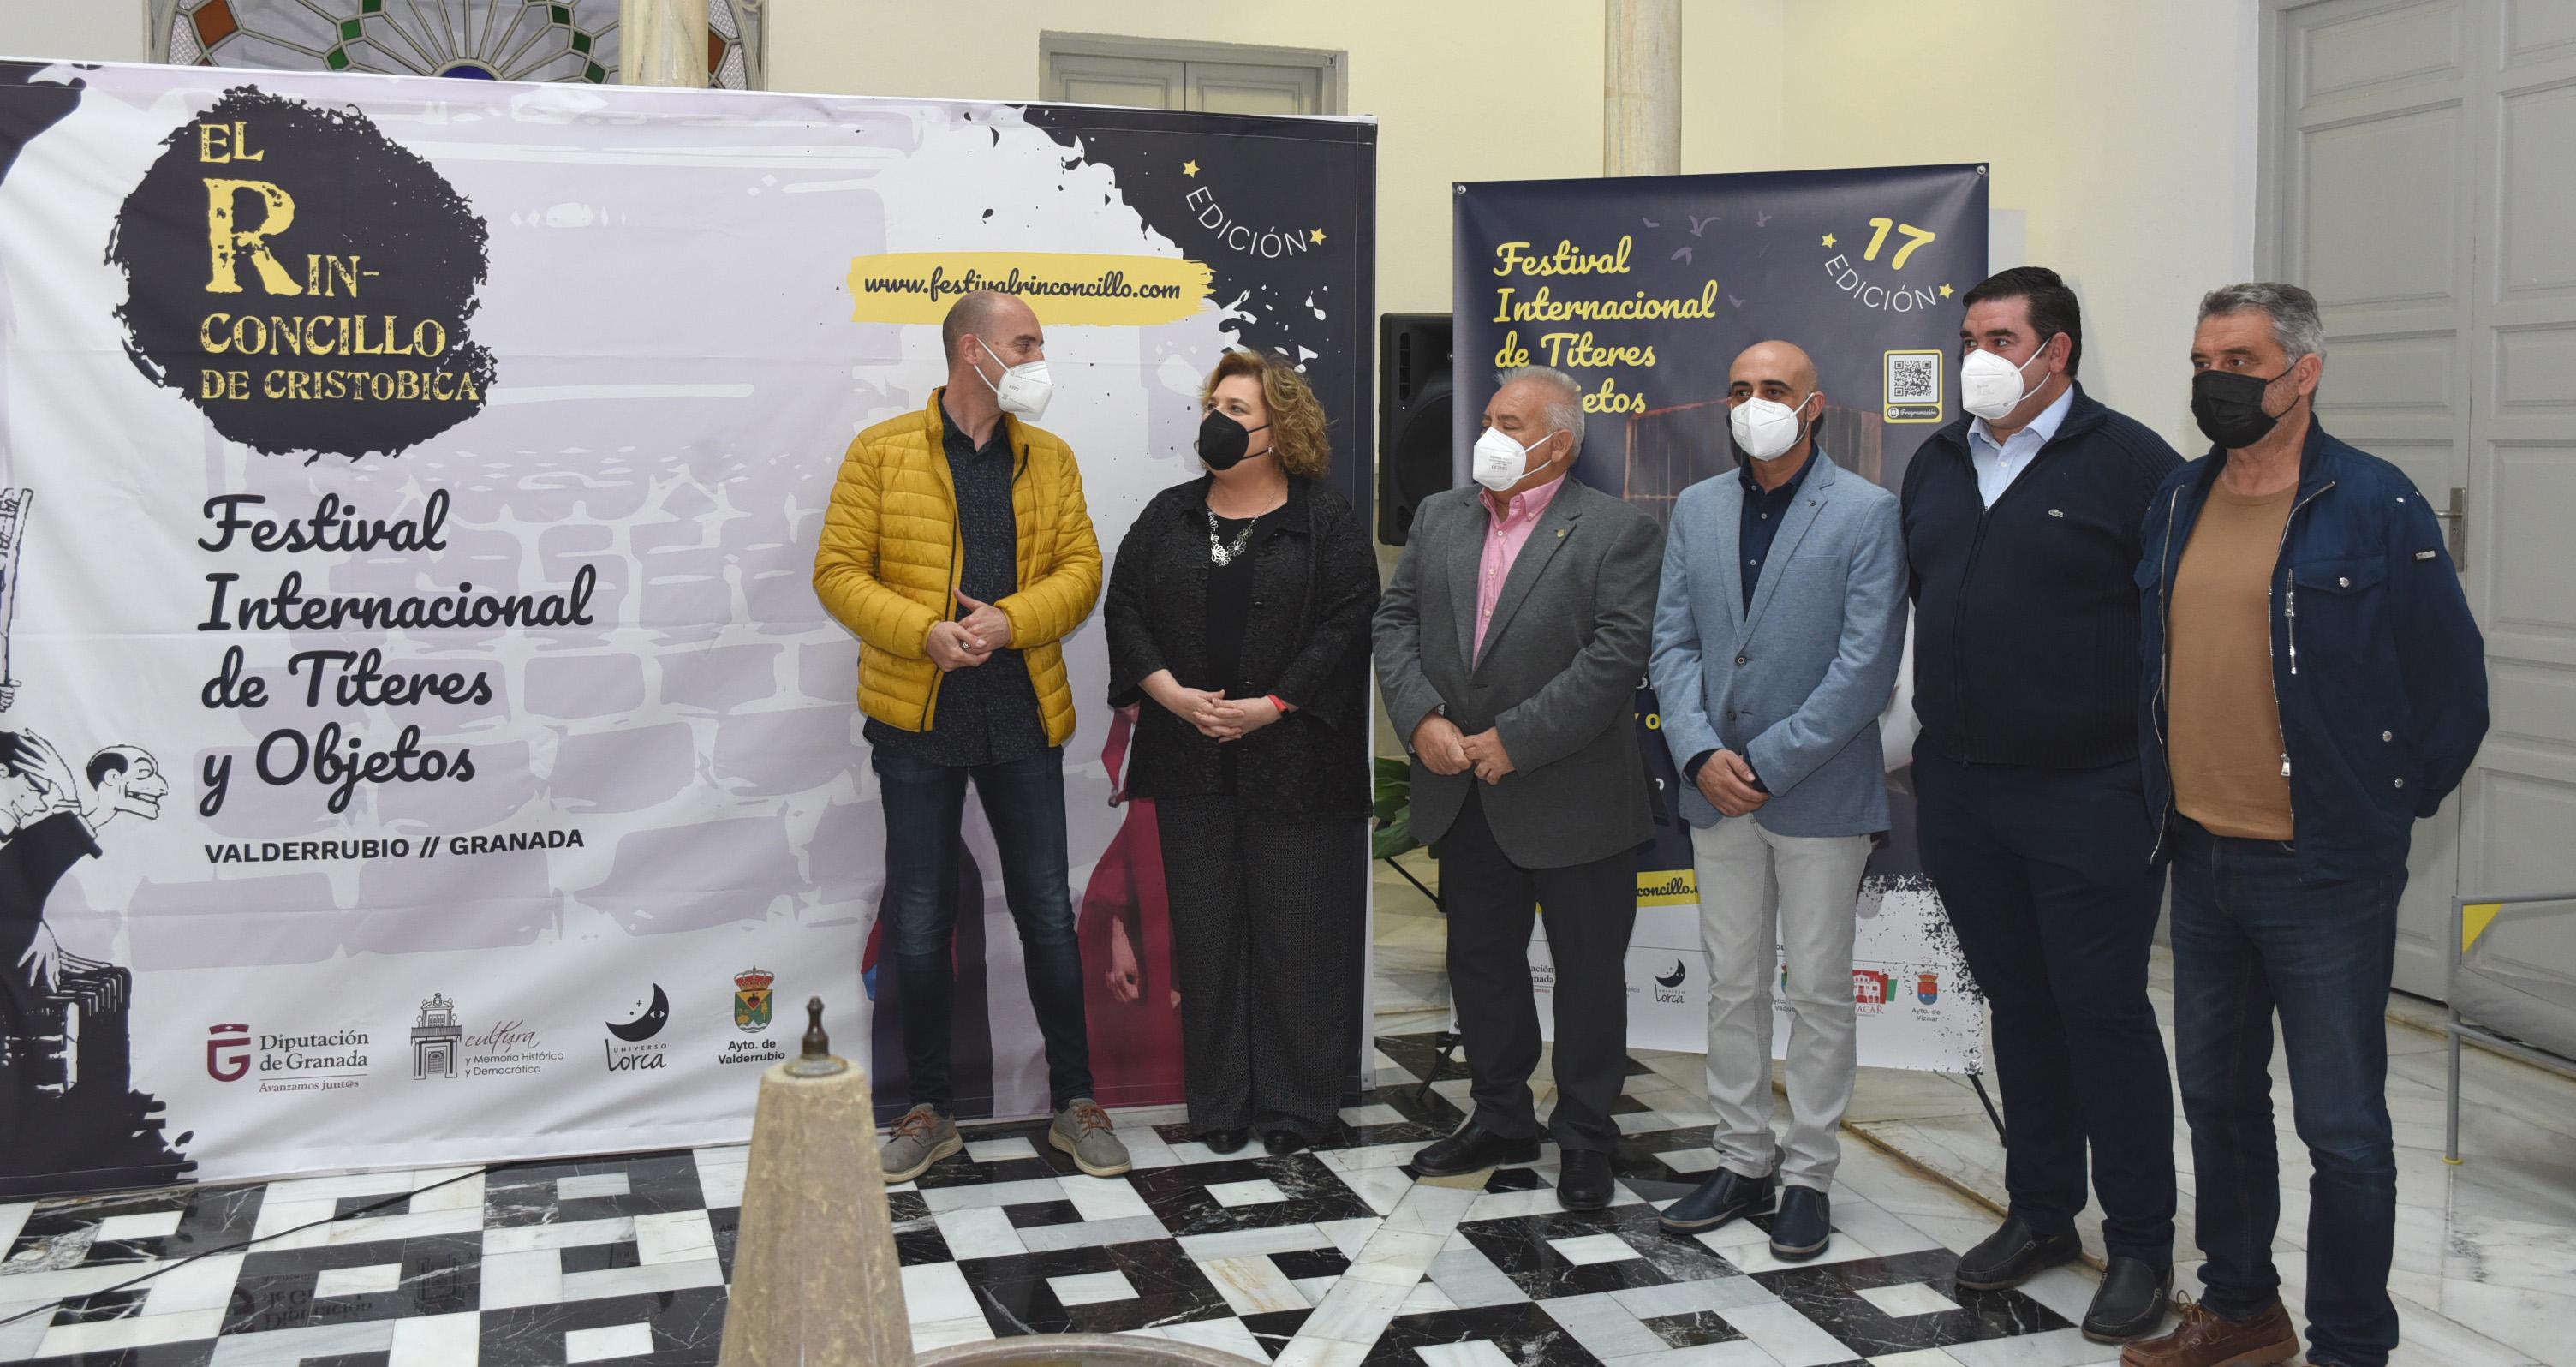 El Rinconcillo de Cristobica llevará el teatro de títeres a 8 municipios de la provincia